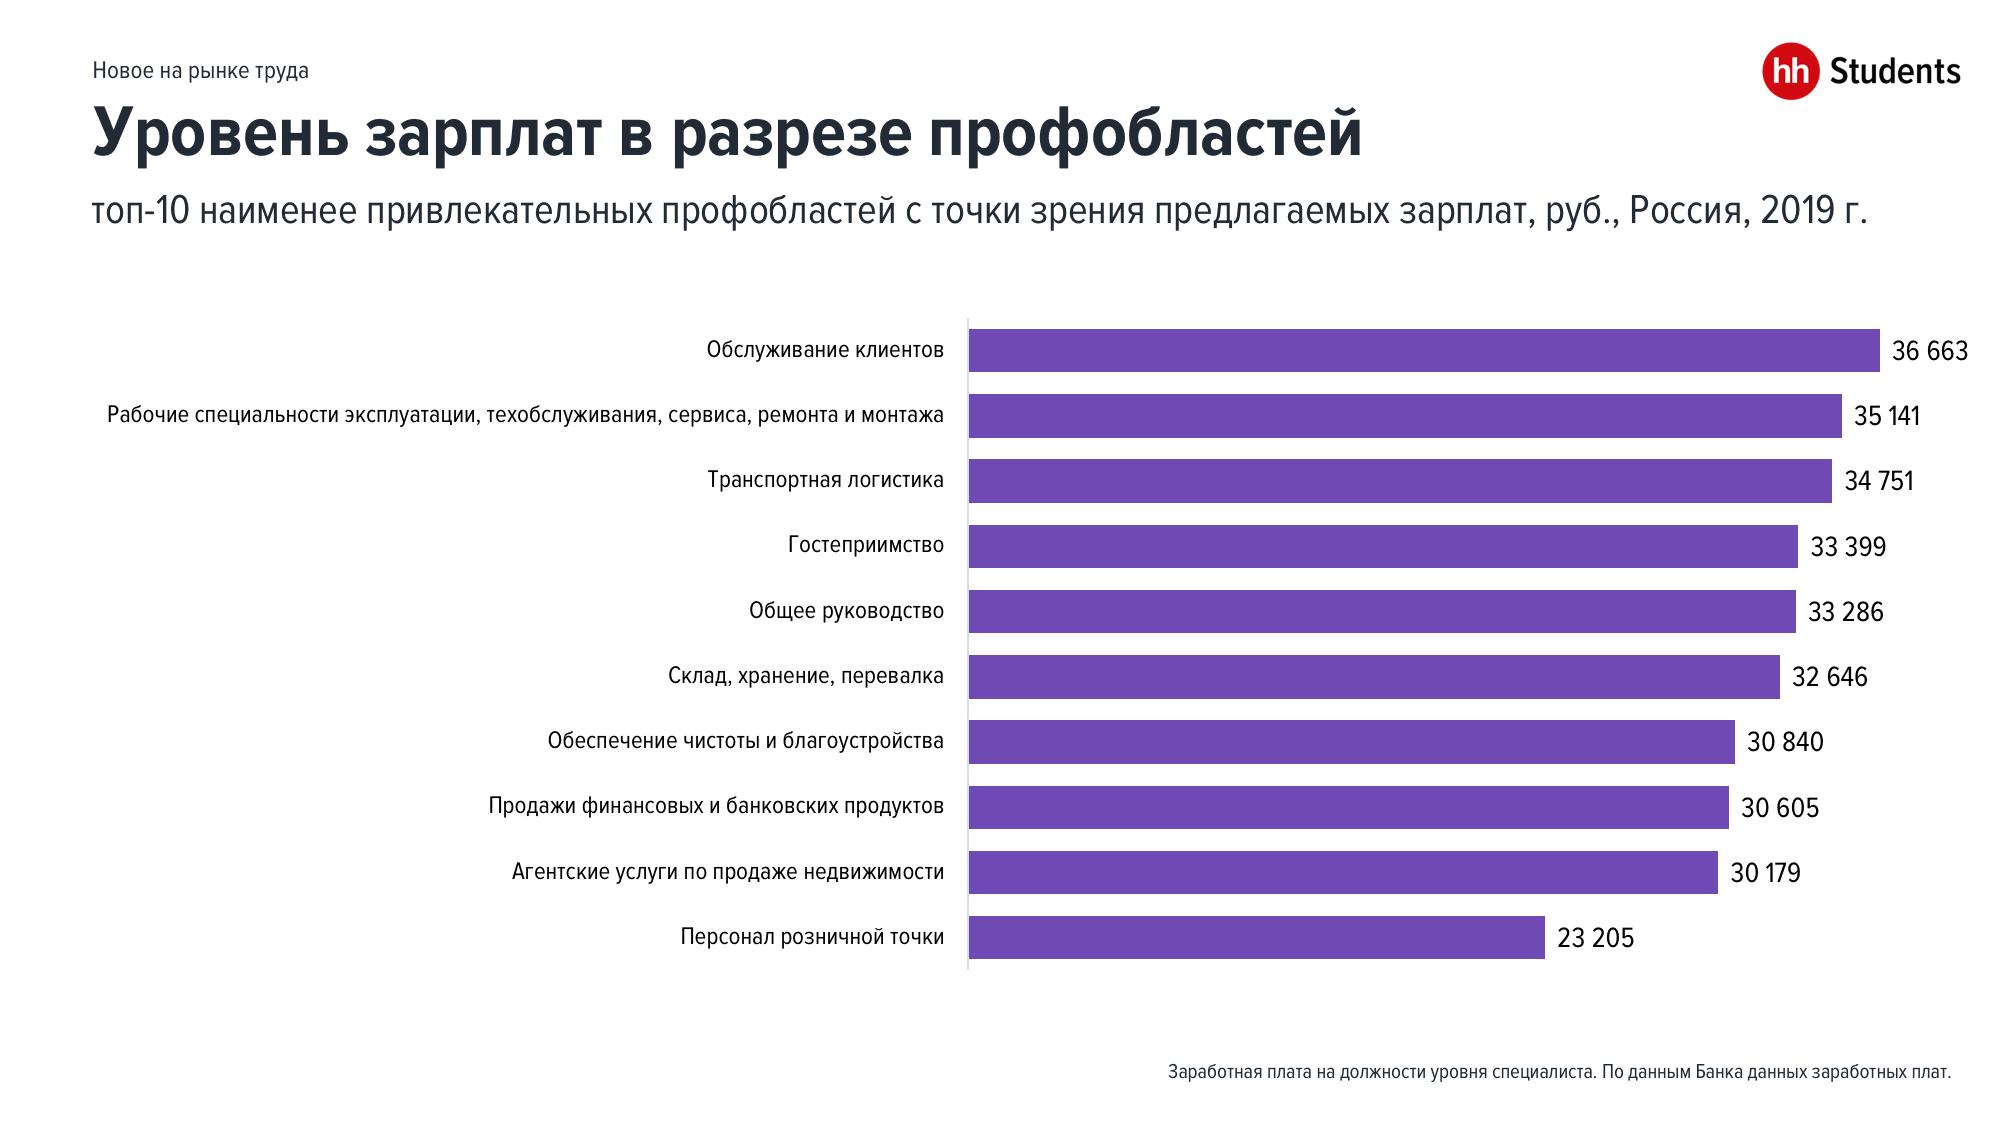 Новые тенденции на рынке труда молодых специалистов в 2019 году